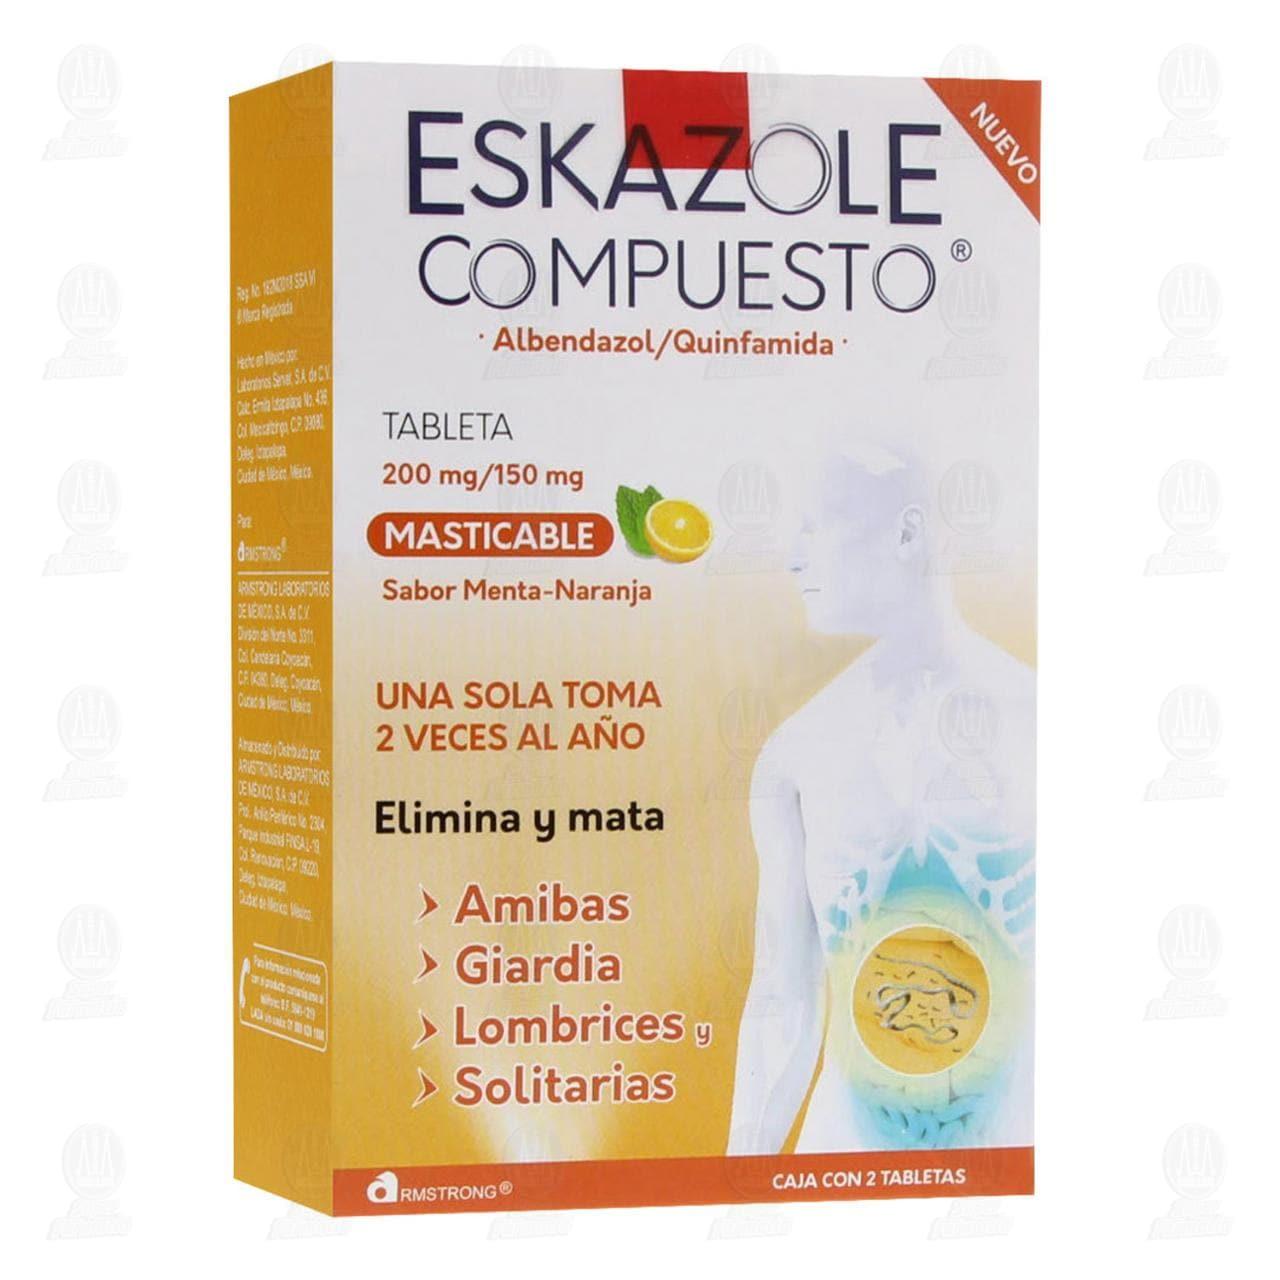 Comprar Eskazole Compuesto 200mg/150mg 2 Tabletas Masticables en Farmacias Guadalajara